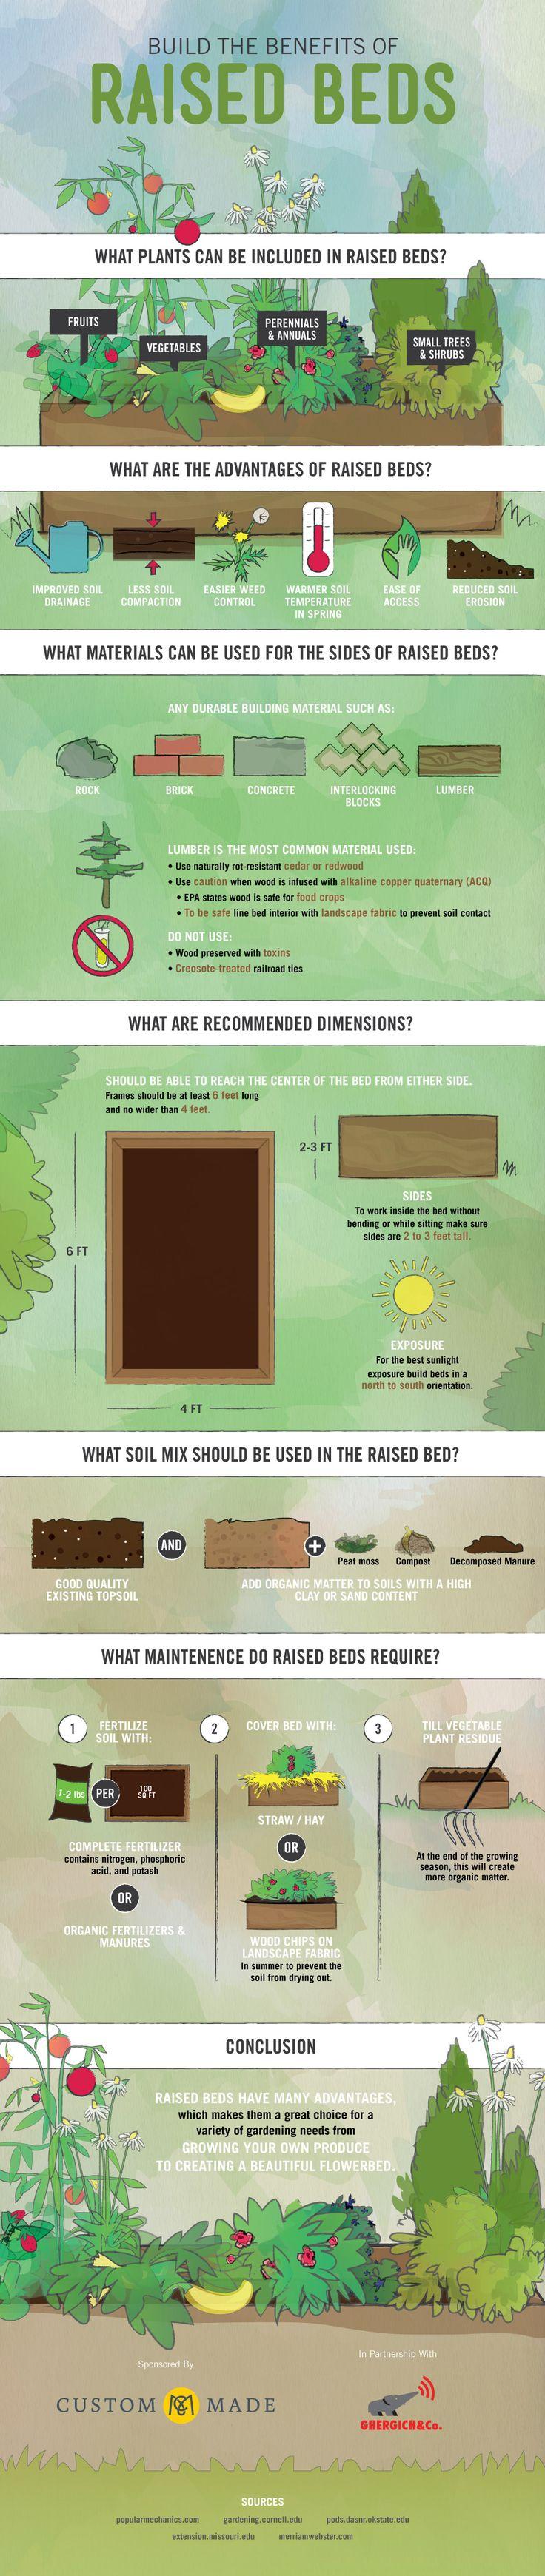 The 25+ Best Raised Beds Ideas On Pinterest | Raised Garden Beds, Garden  Beds And Building Raised Beds